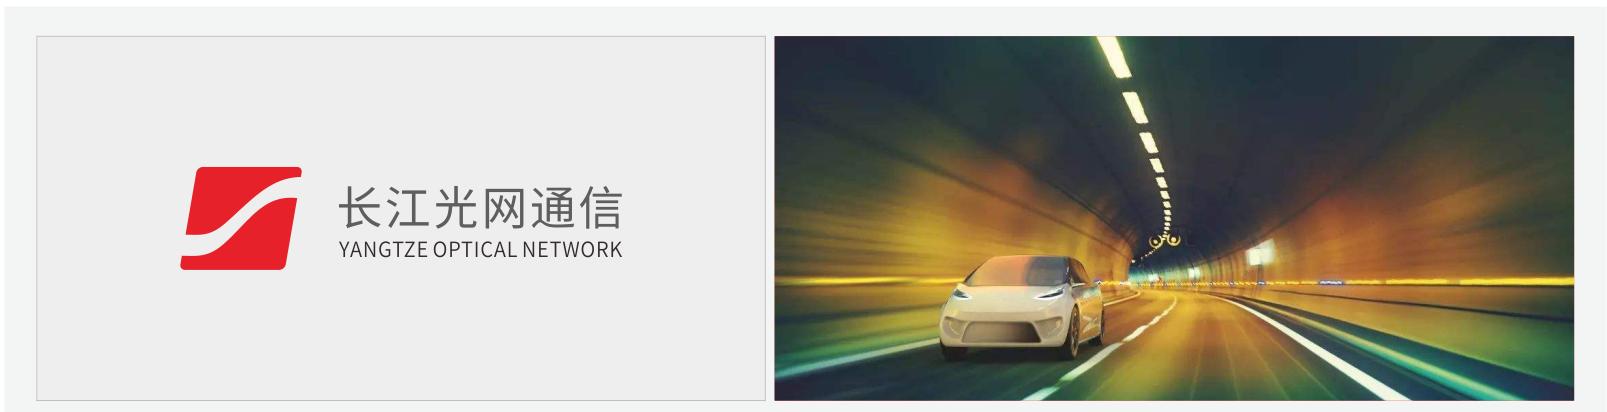 网络公司logo设计,武汉logo设计公司